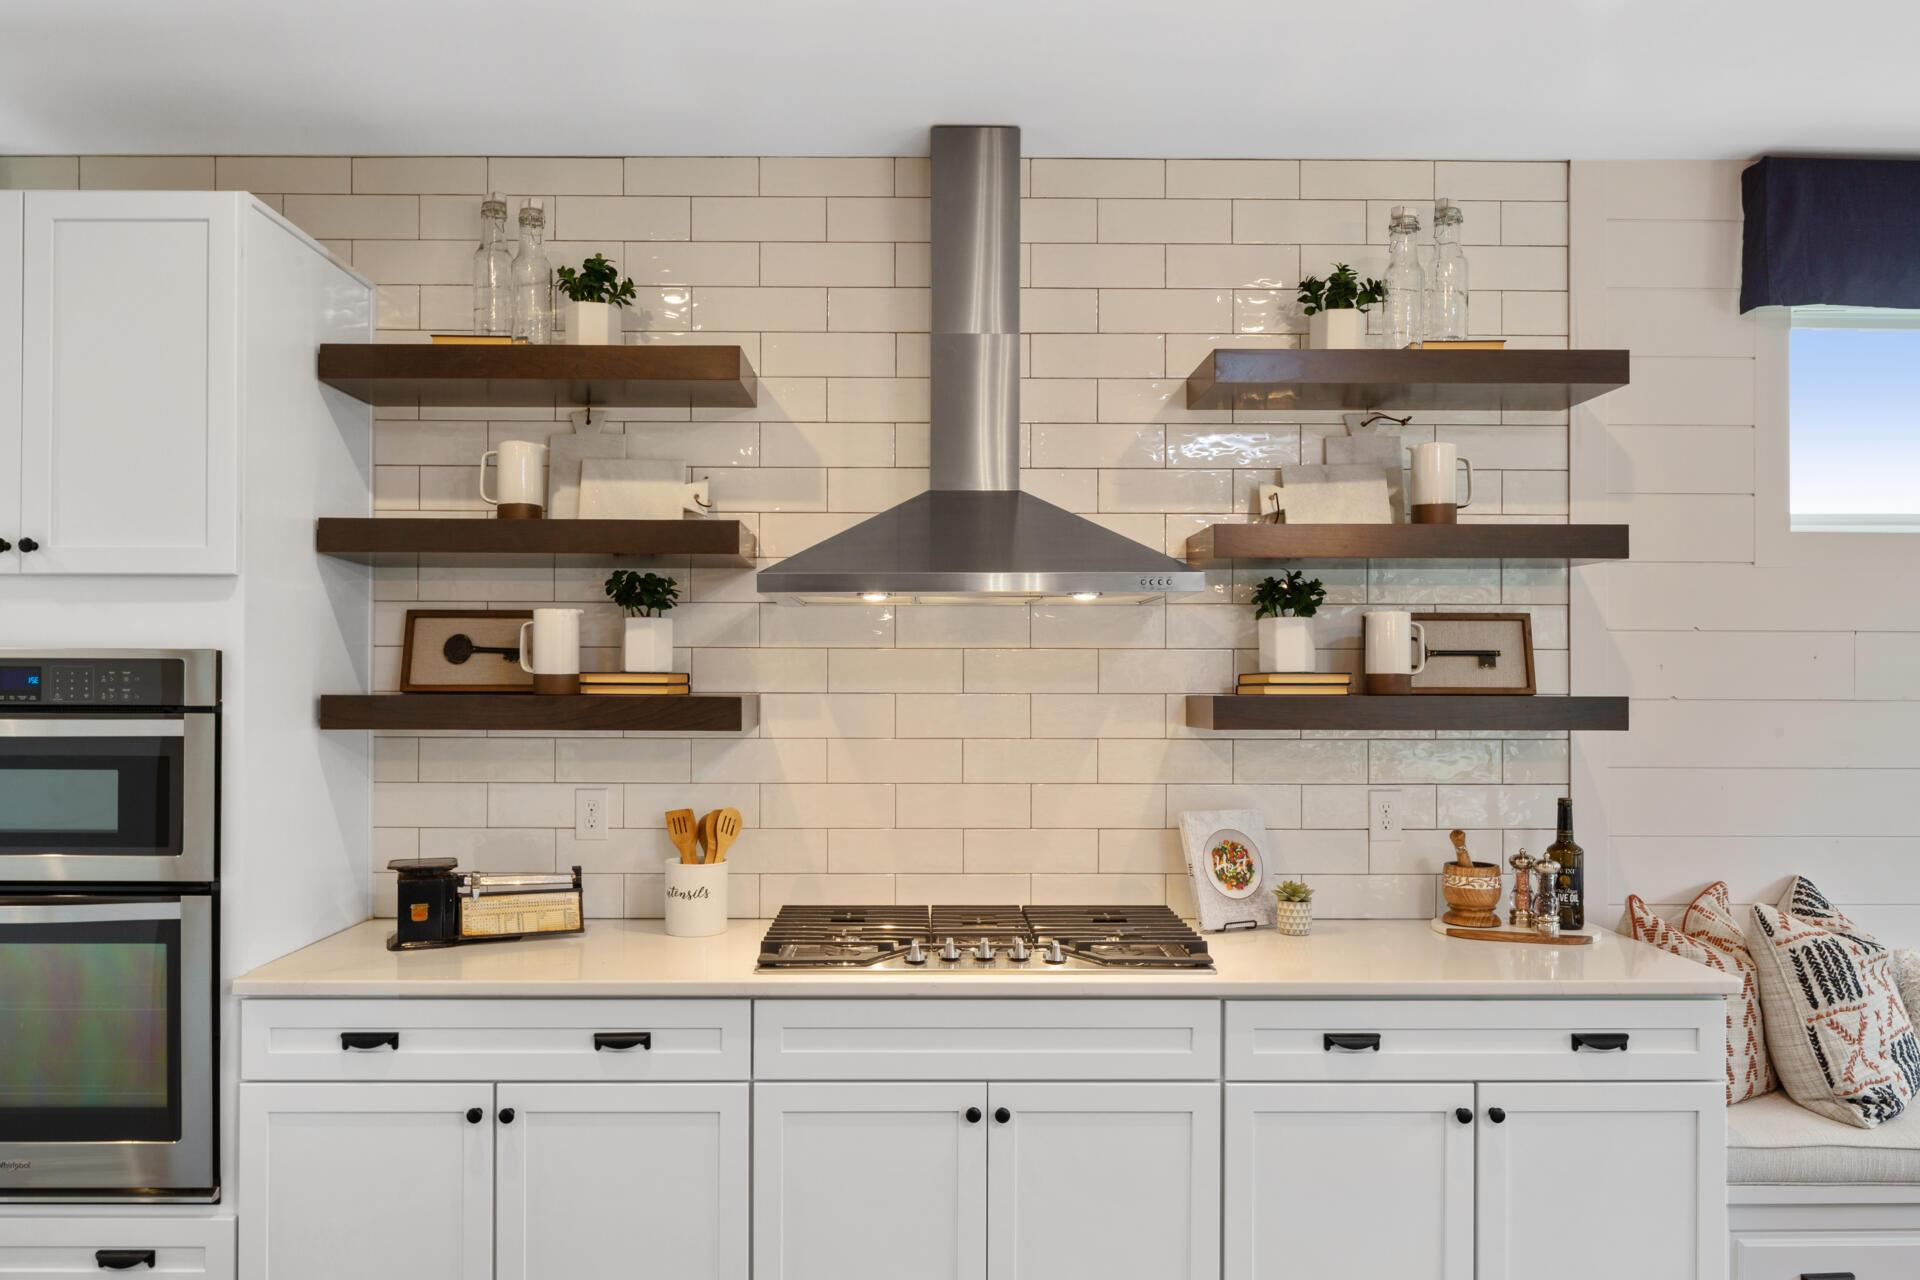 Kitchen featured in the Vanderburgh By Drees Homes in Cincinnati, OH